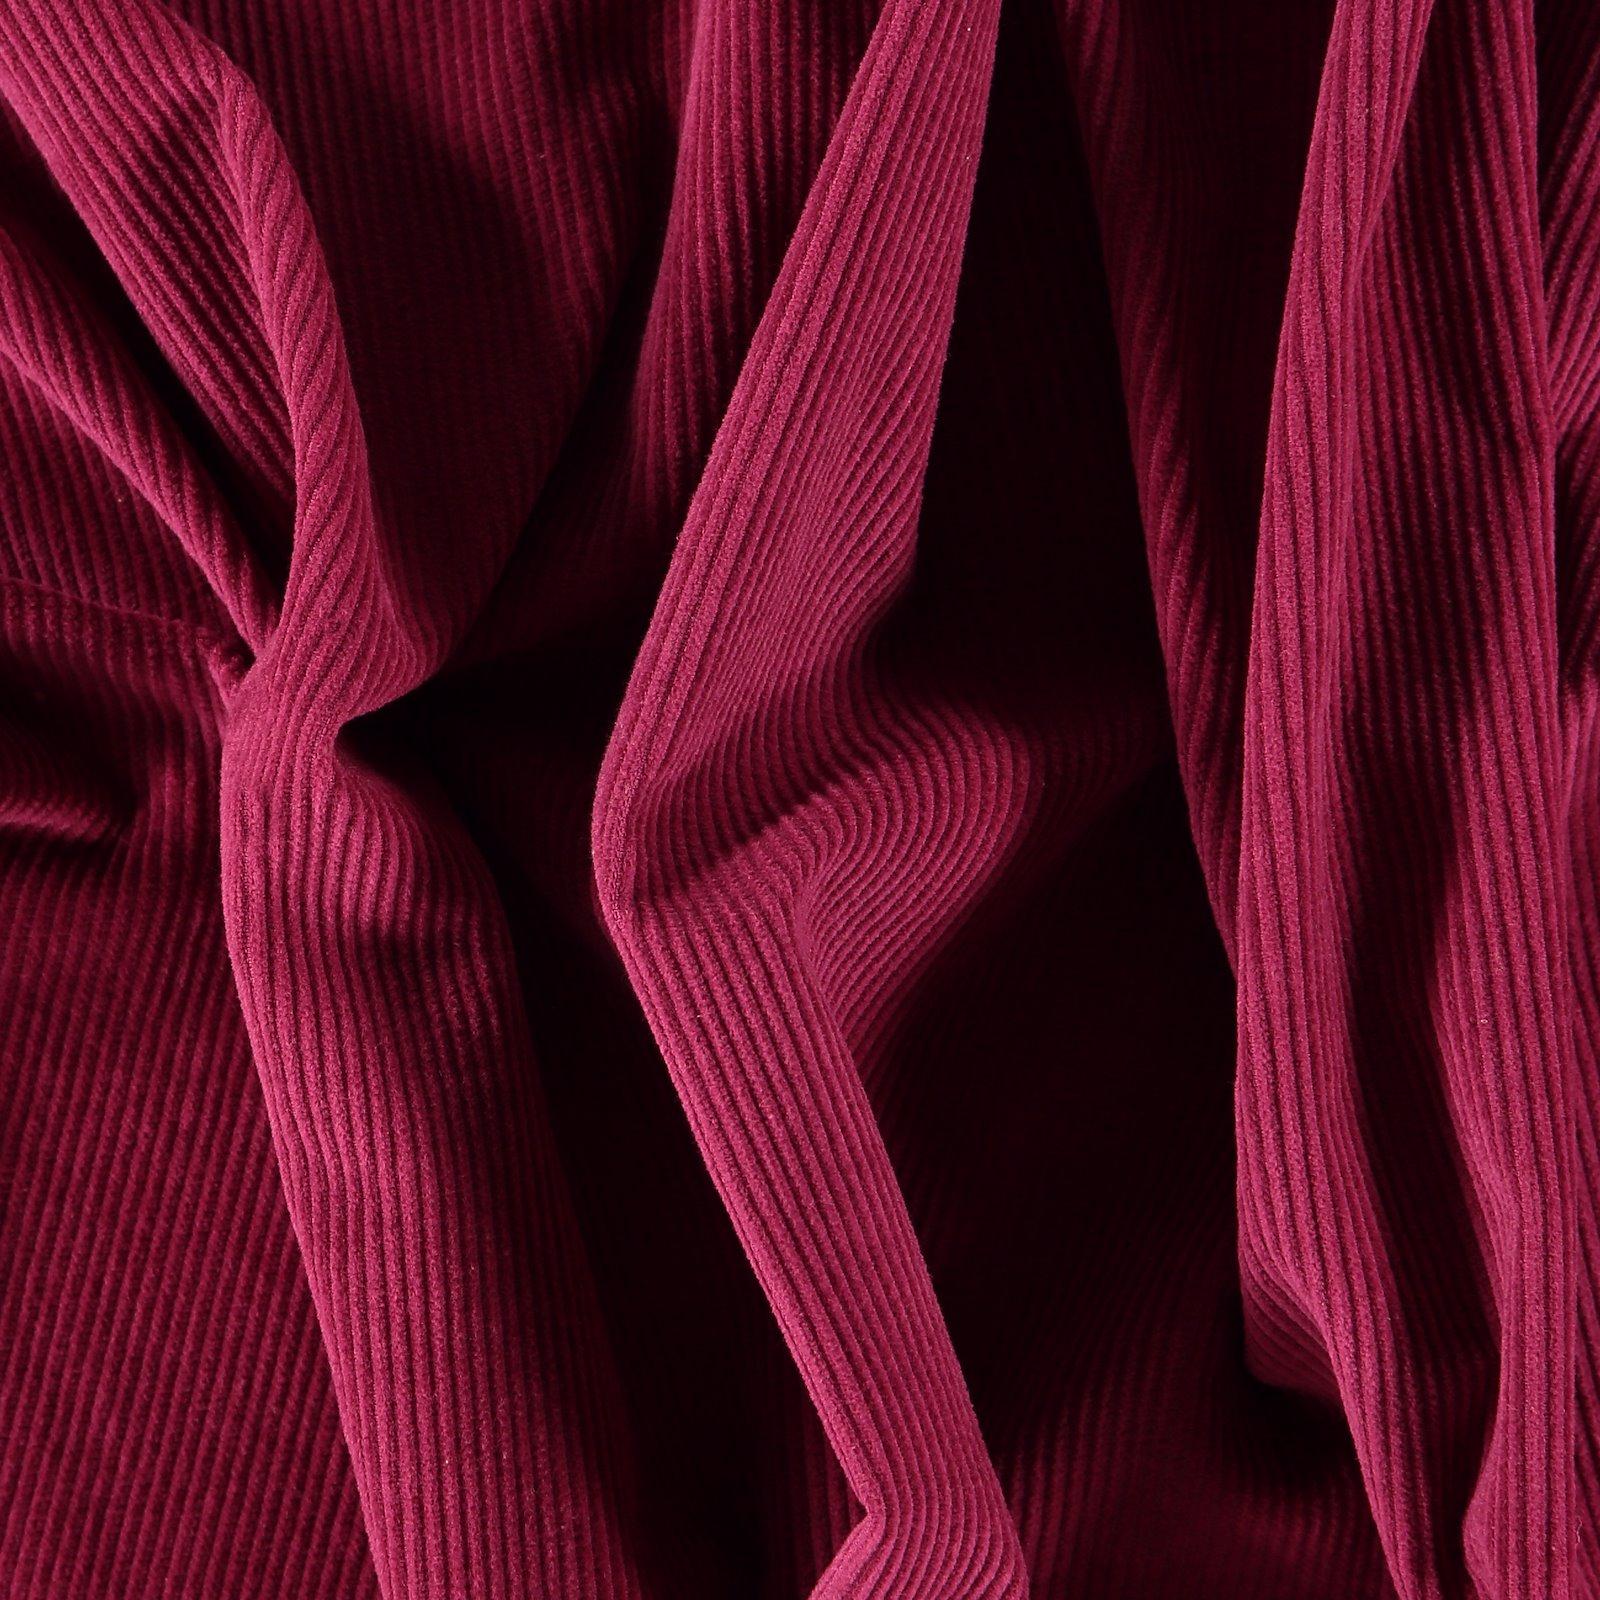 Corduroy 8 wales dark pink